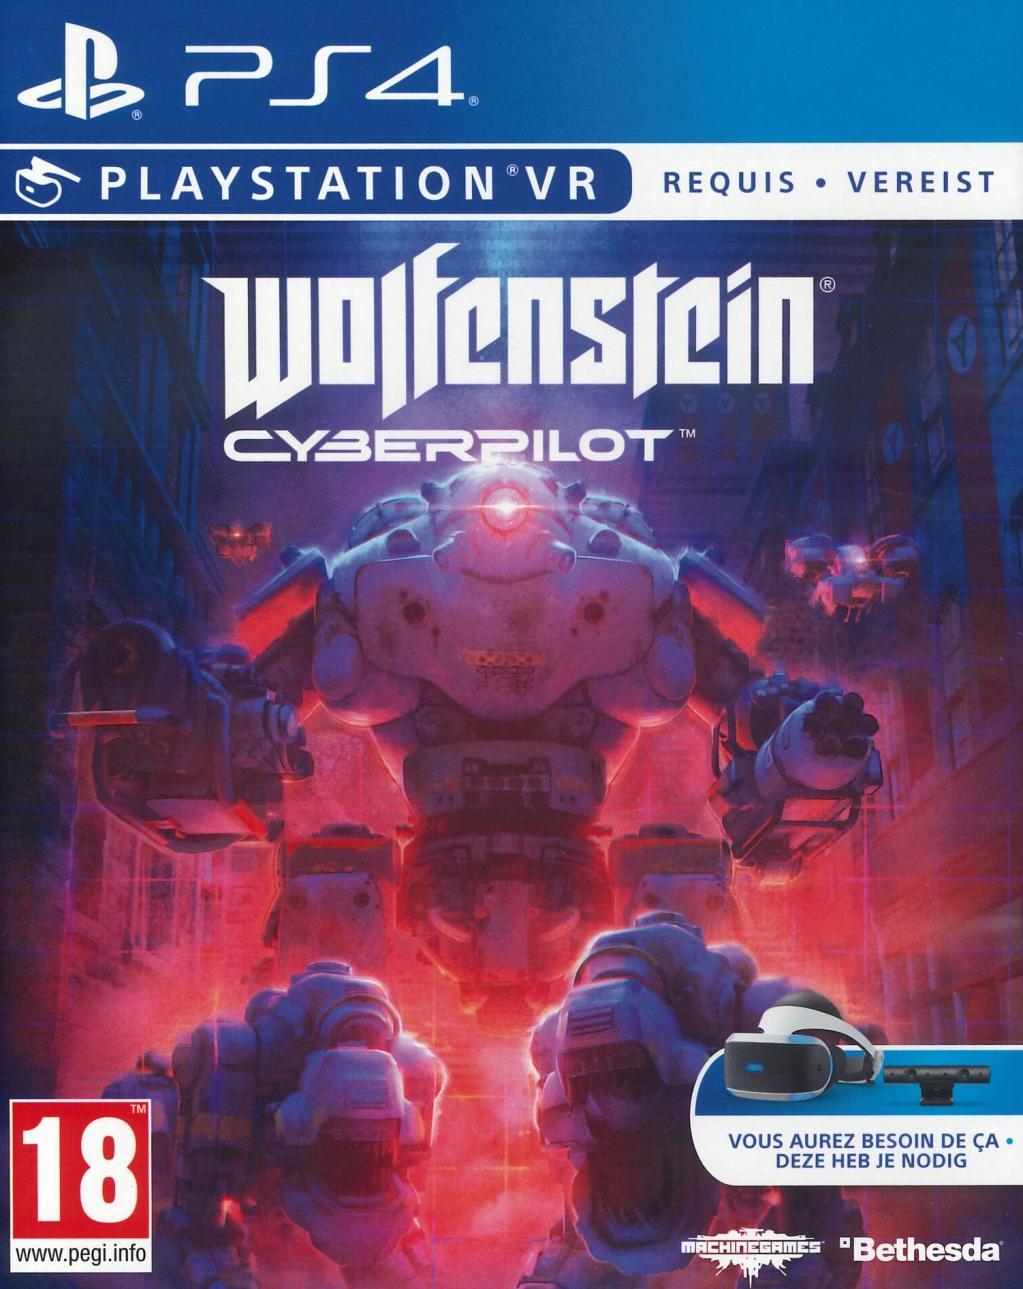 Wolfenstein : Cyberpilot Playstation VR